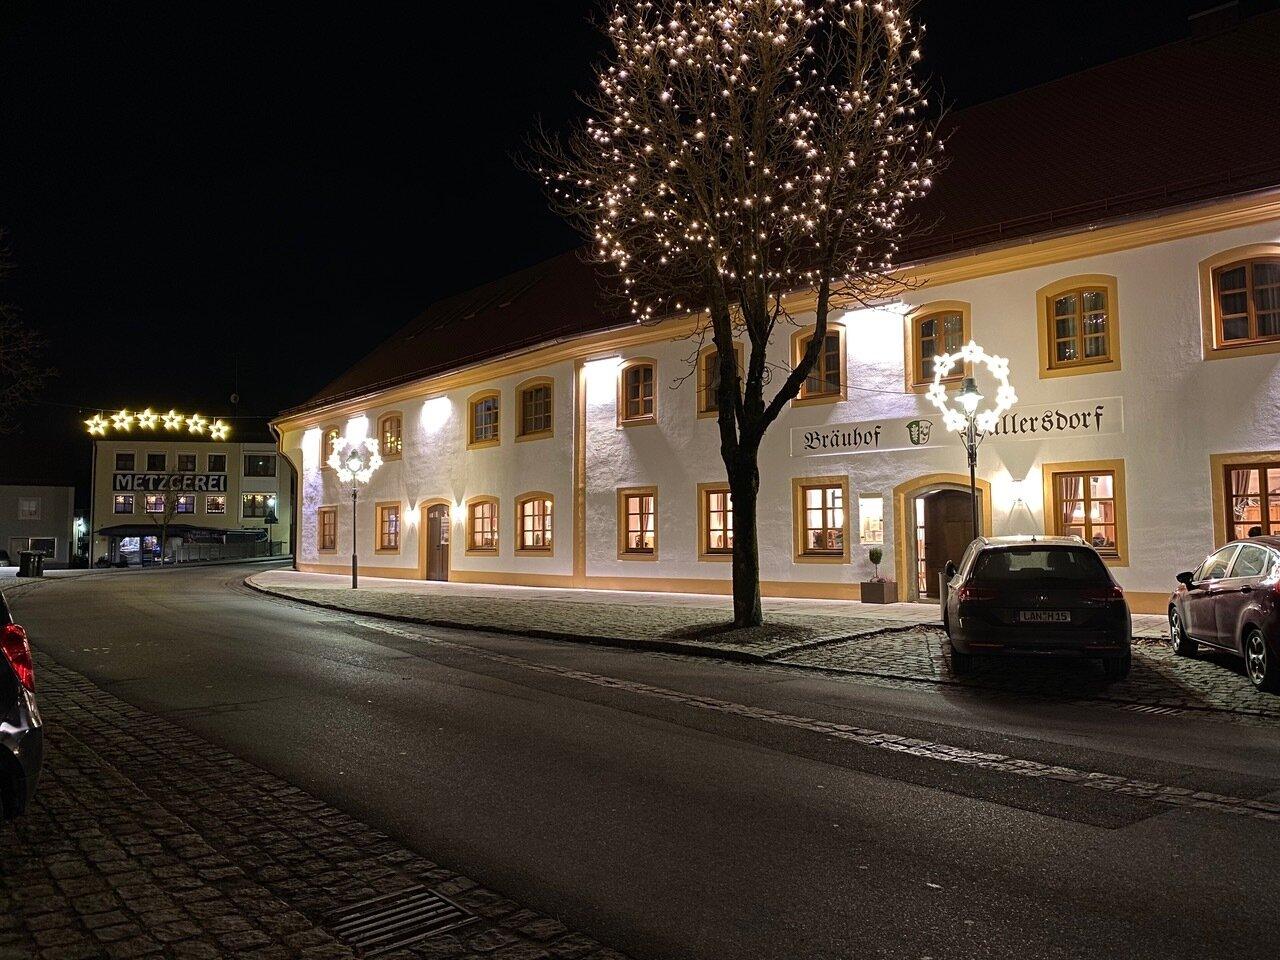 Bräuhof Wallersdorf